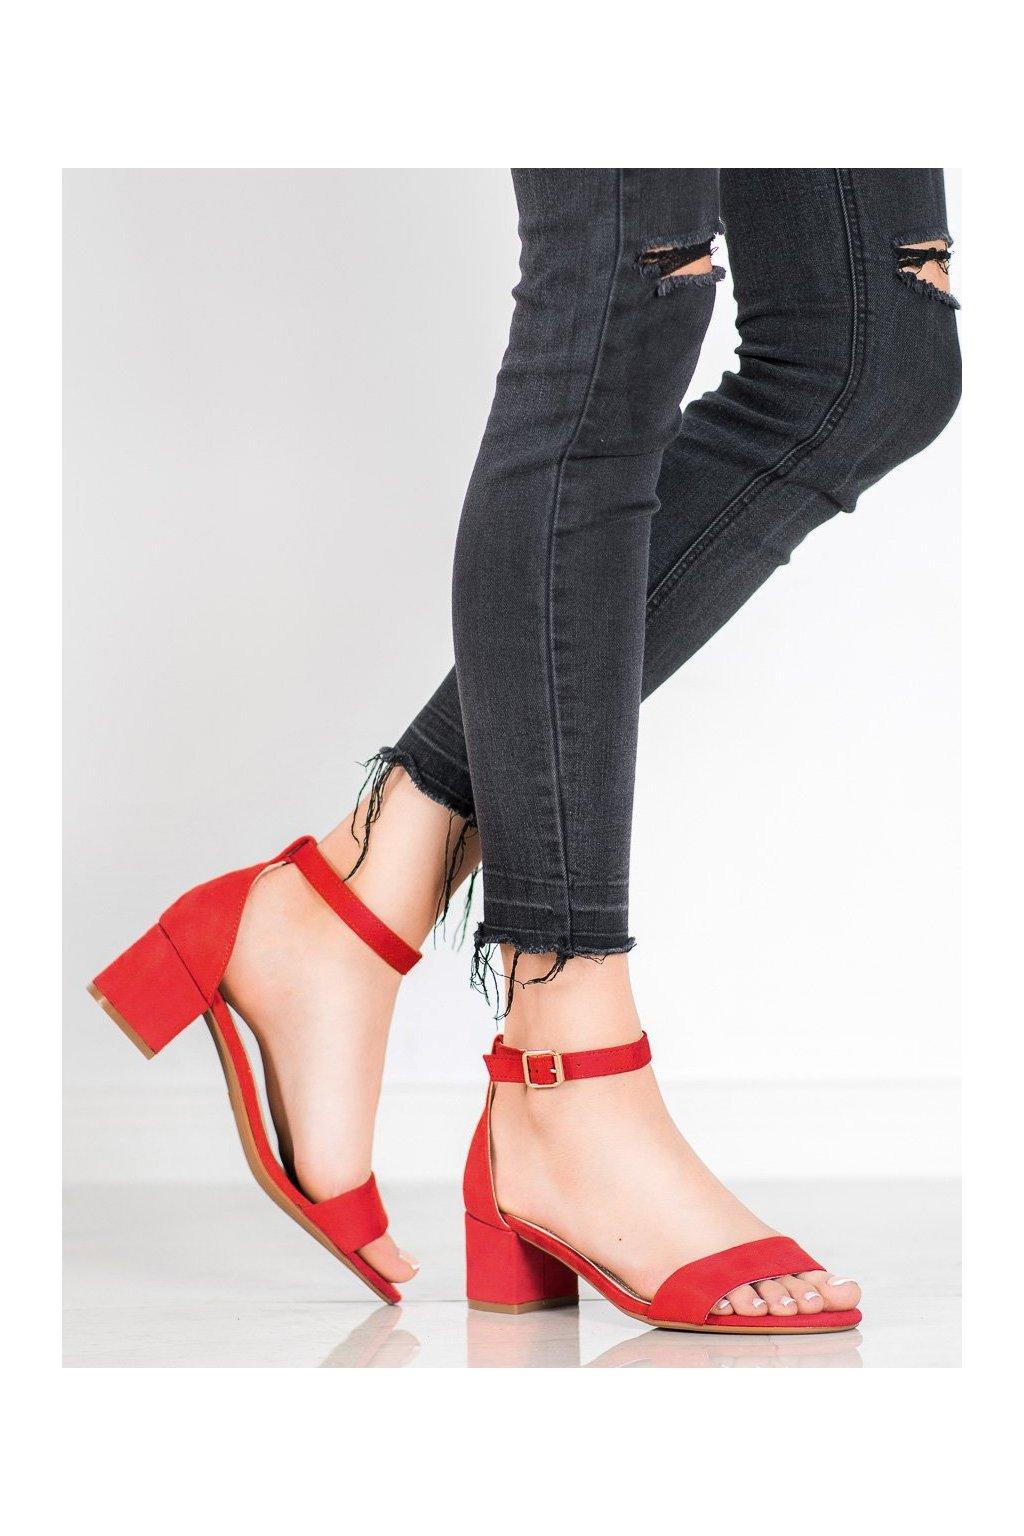 Červené sandále Evento NJSK 20SD98-1618R